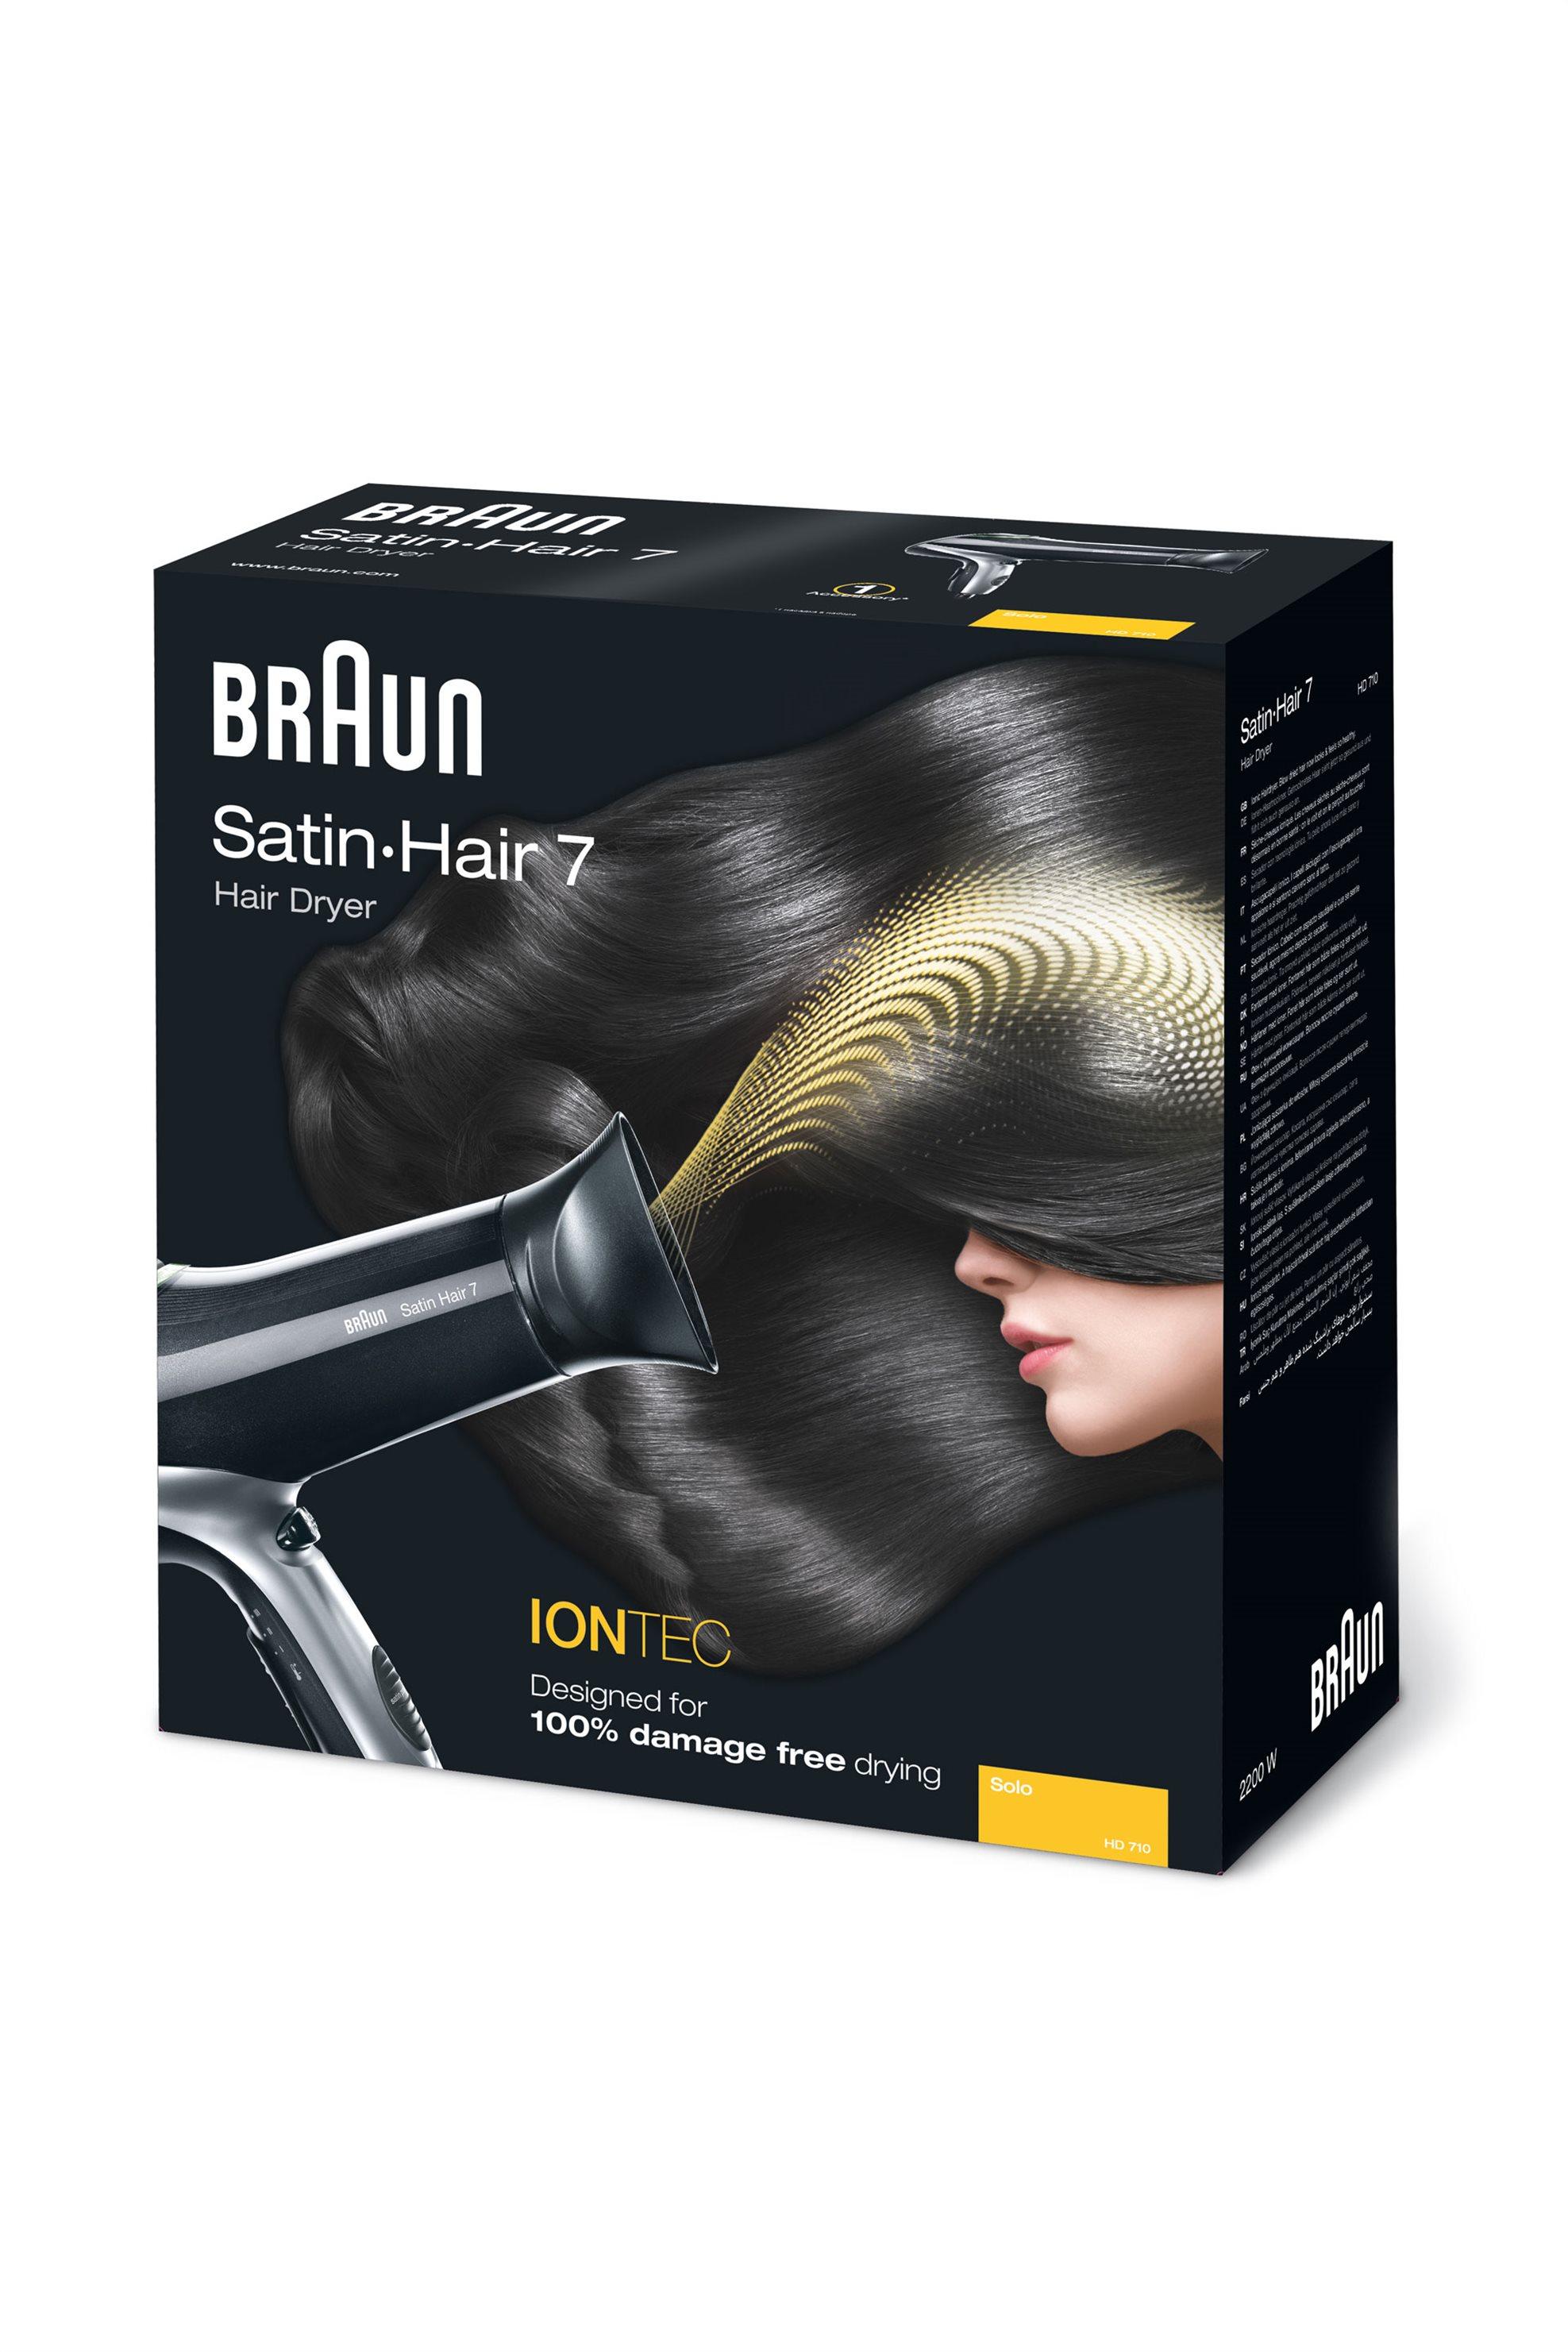 Σεσουάρ HD710 2200W Braun - HD710/14 home   συσκευεσ περιποιησησ   πιστολάκια μαλλιών